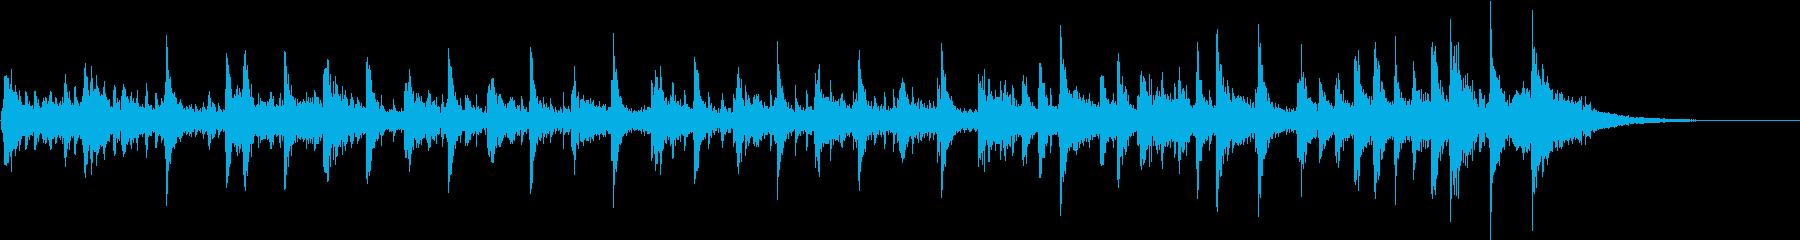 ショートサーカステーマ:フルミック...の再生済みの波形